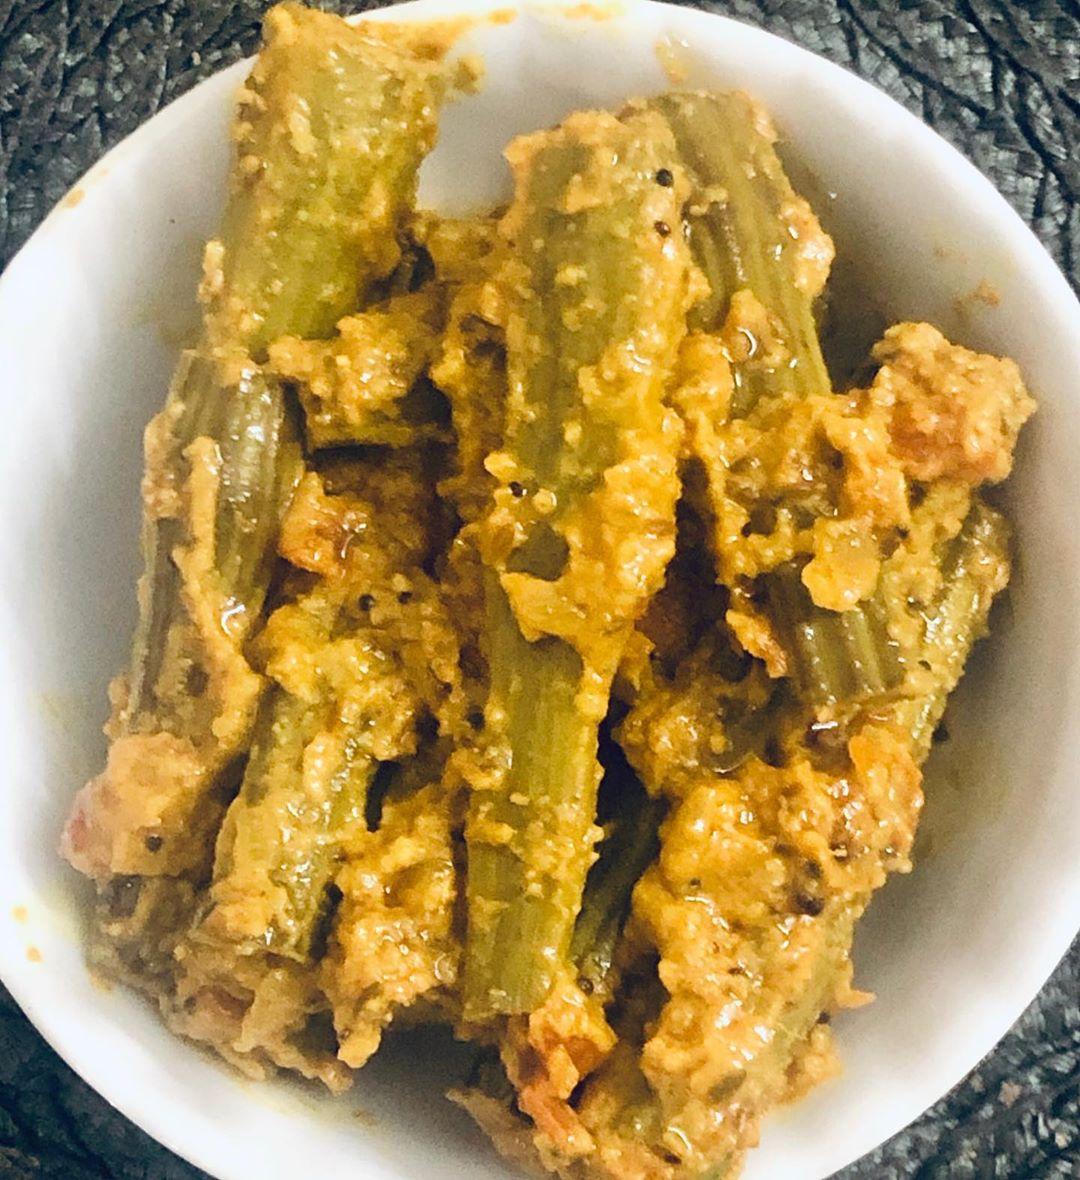 Komal Patel,  HappyDussehra, Dussehra, Dussehra2019, Vijayadashami, Festival, komalpatel, diet, goodfood, eathealthy, goodhealth